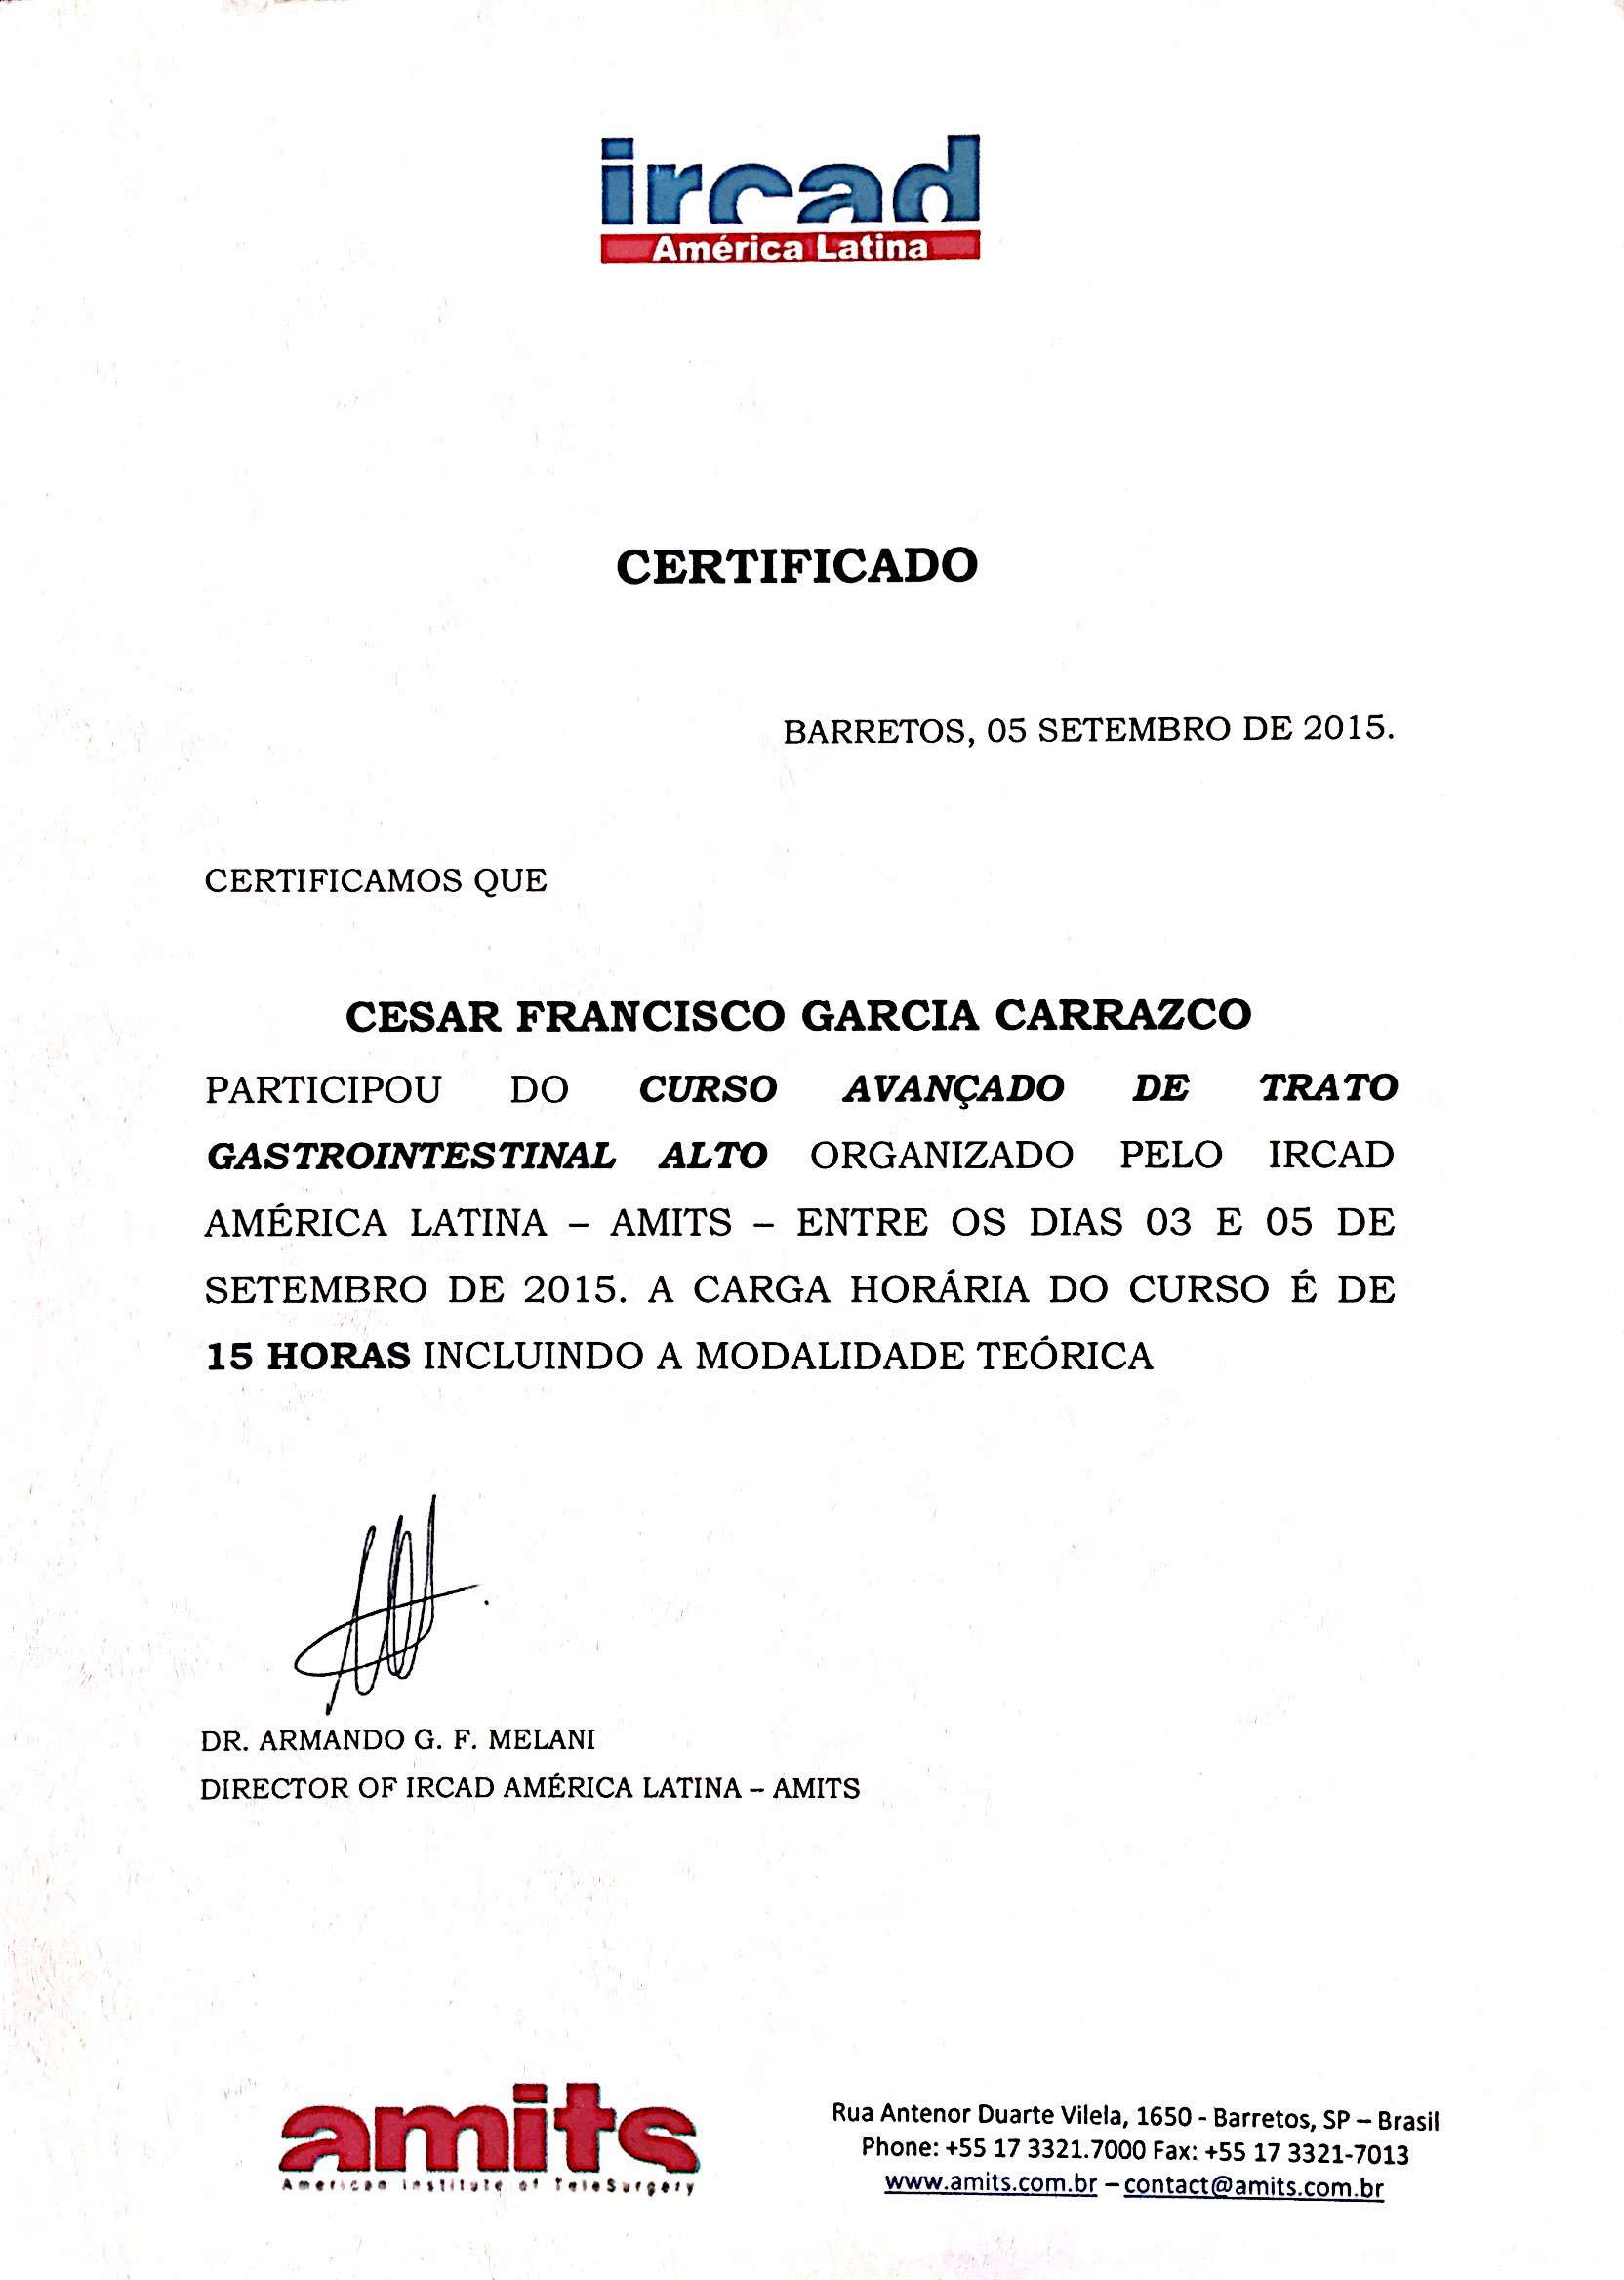 Dr. Garcia Carrazco_39